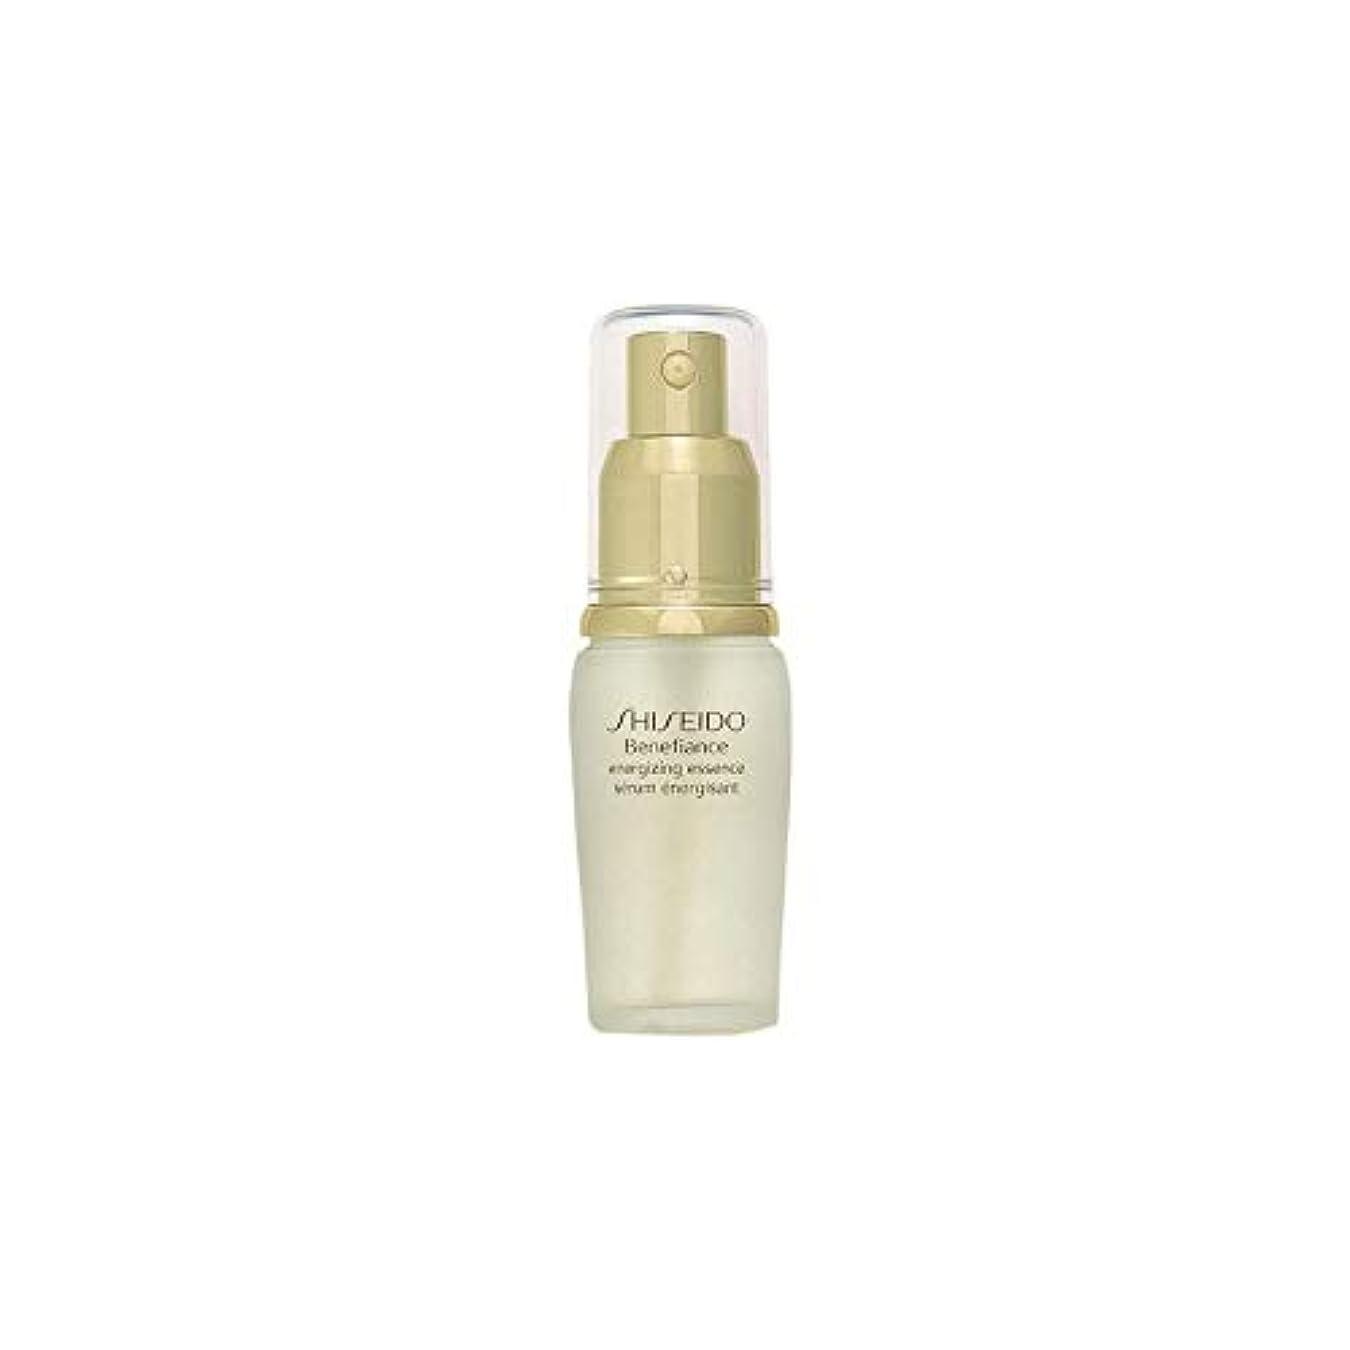 ほんの取り扱い思いつく[Shiseido] 資生堂ベネフィアンス通電エッセンス(30ミリリットル) - Shiseido Benefiance Energising Essence (30ml) [並行輸入品]